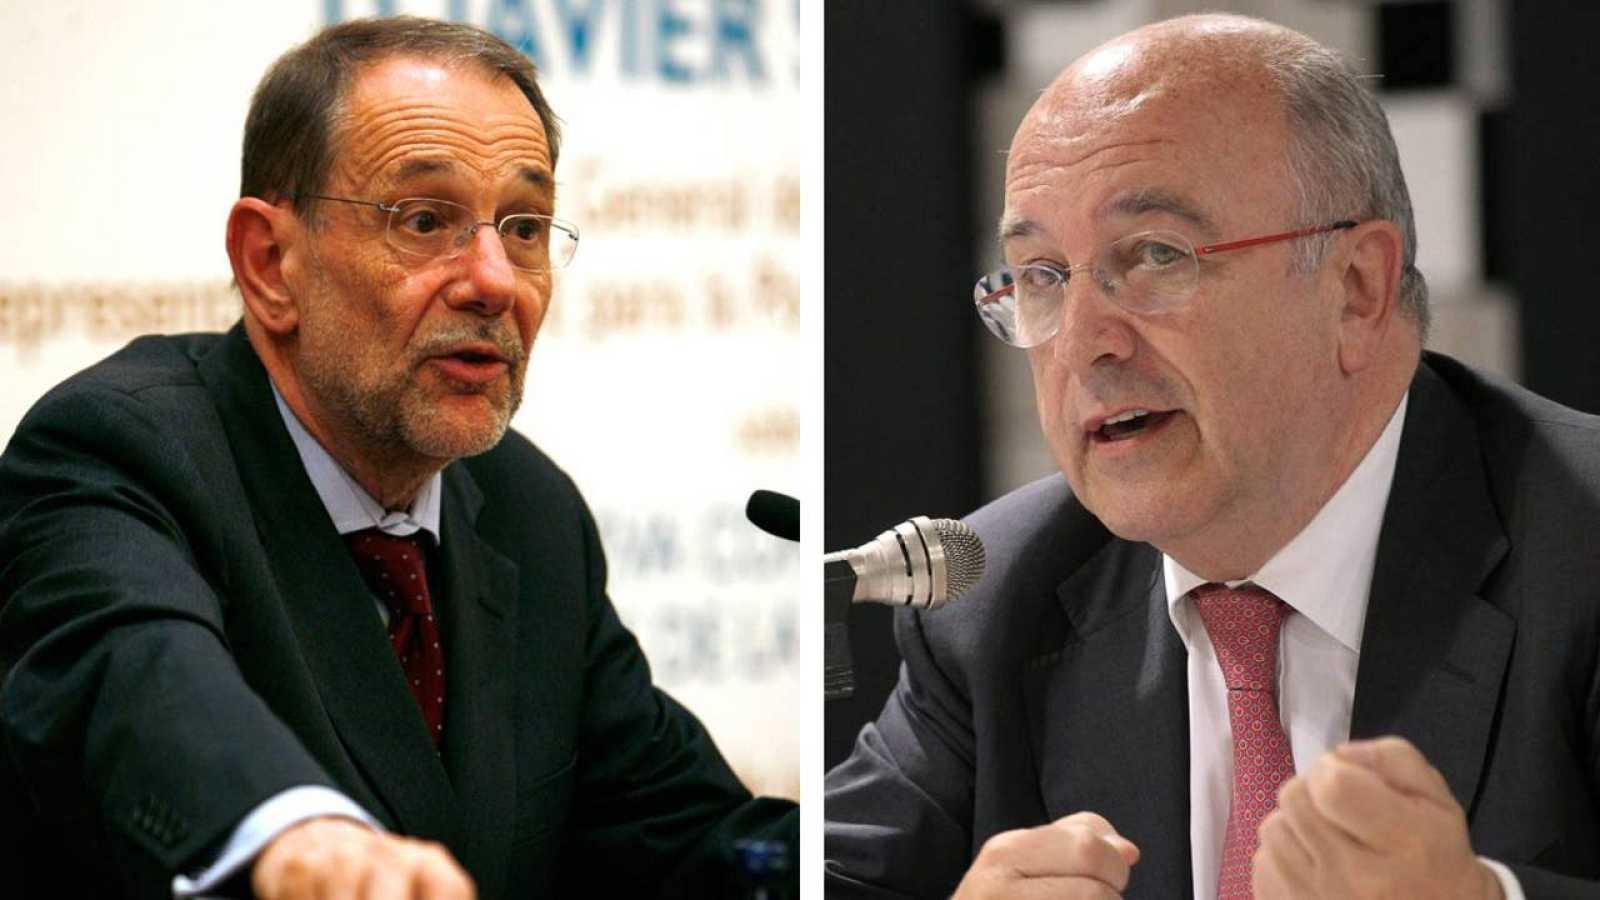 Los exministros del PSOE Javier Solana y Joaquín Almunia.